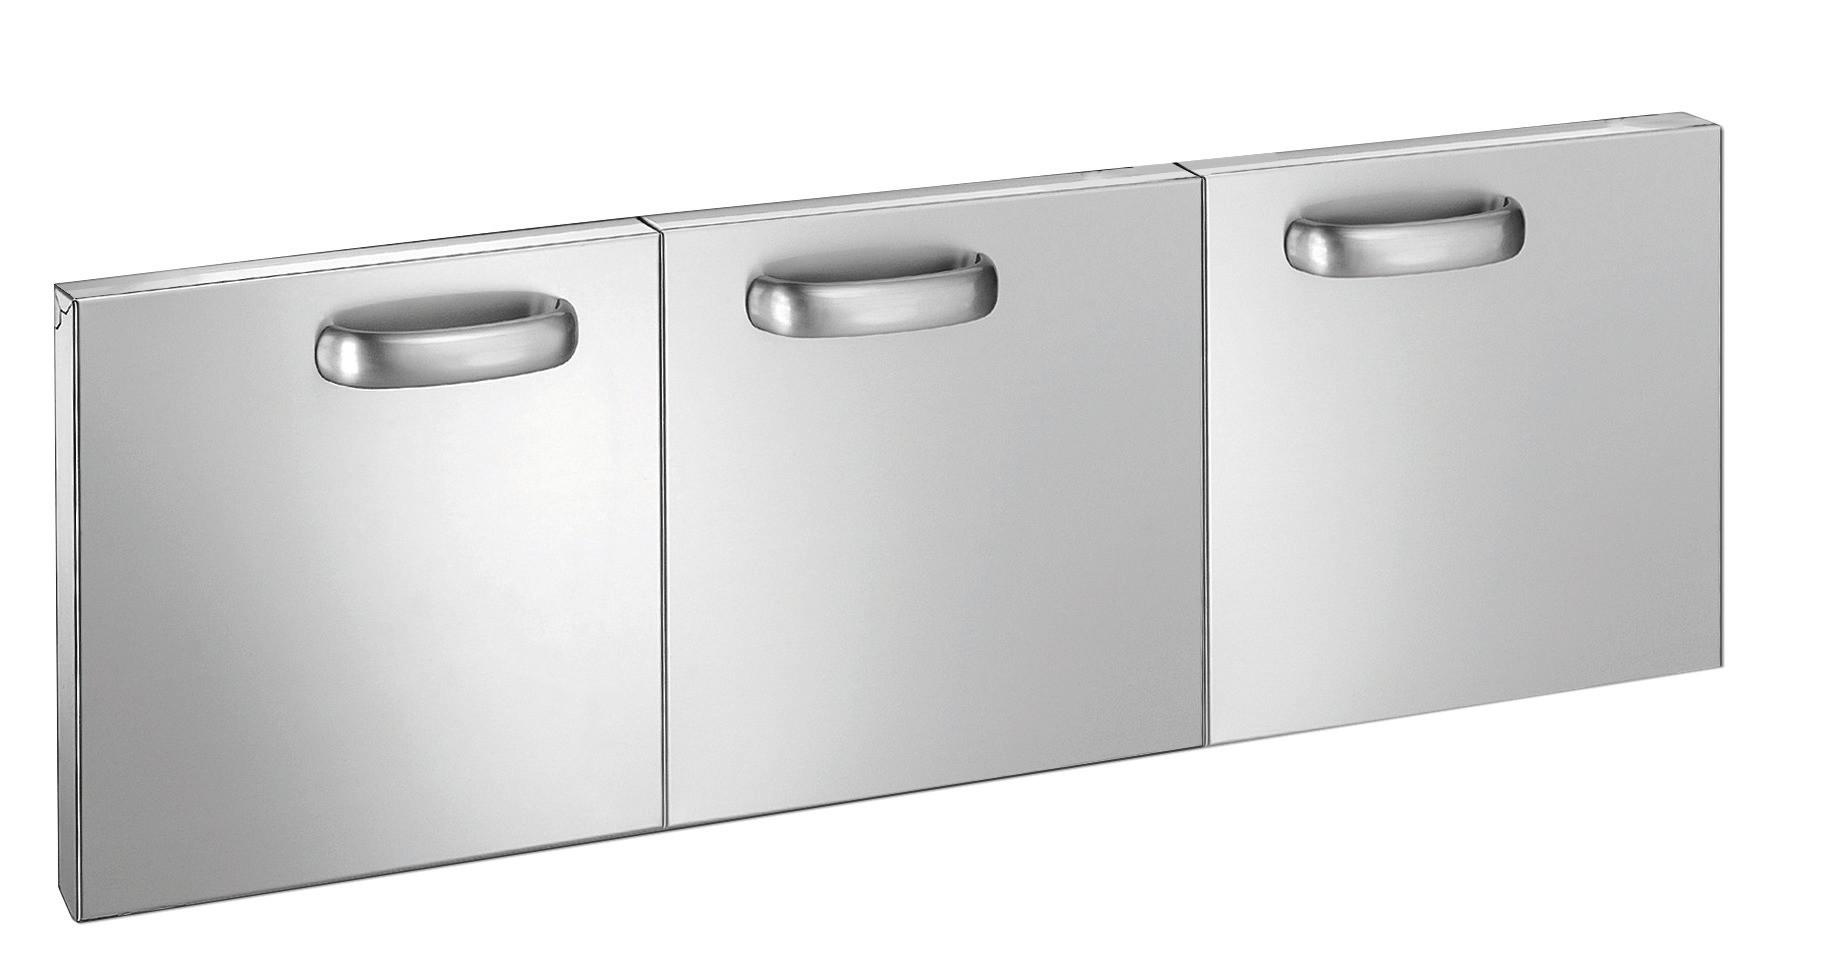 Tür Kit für Unterschränke 1100 mm / 390 x 440 x 40 mm